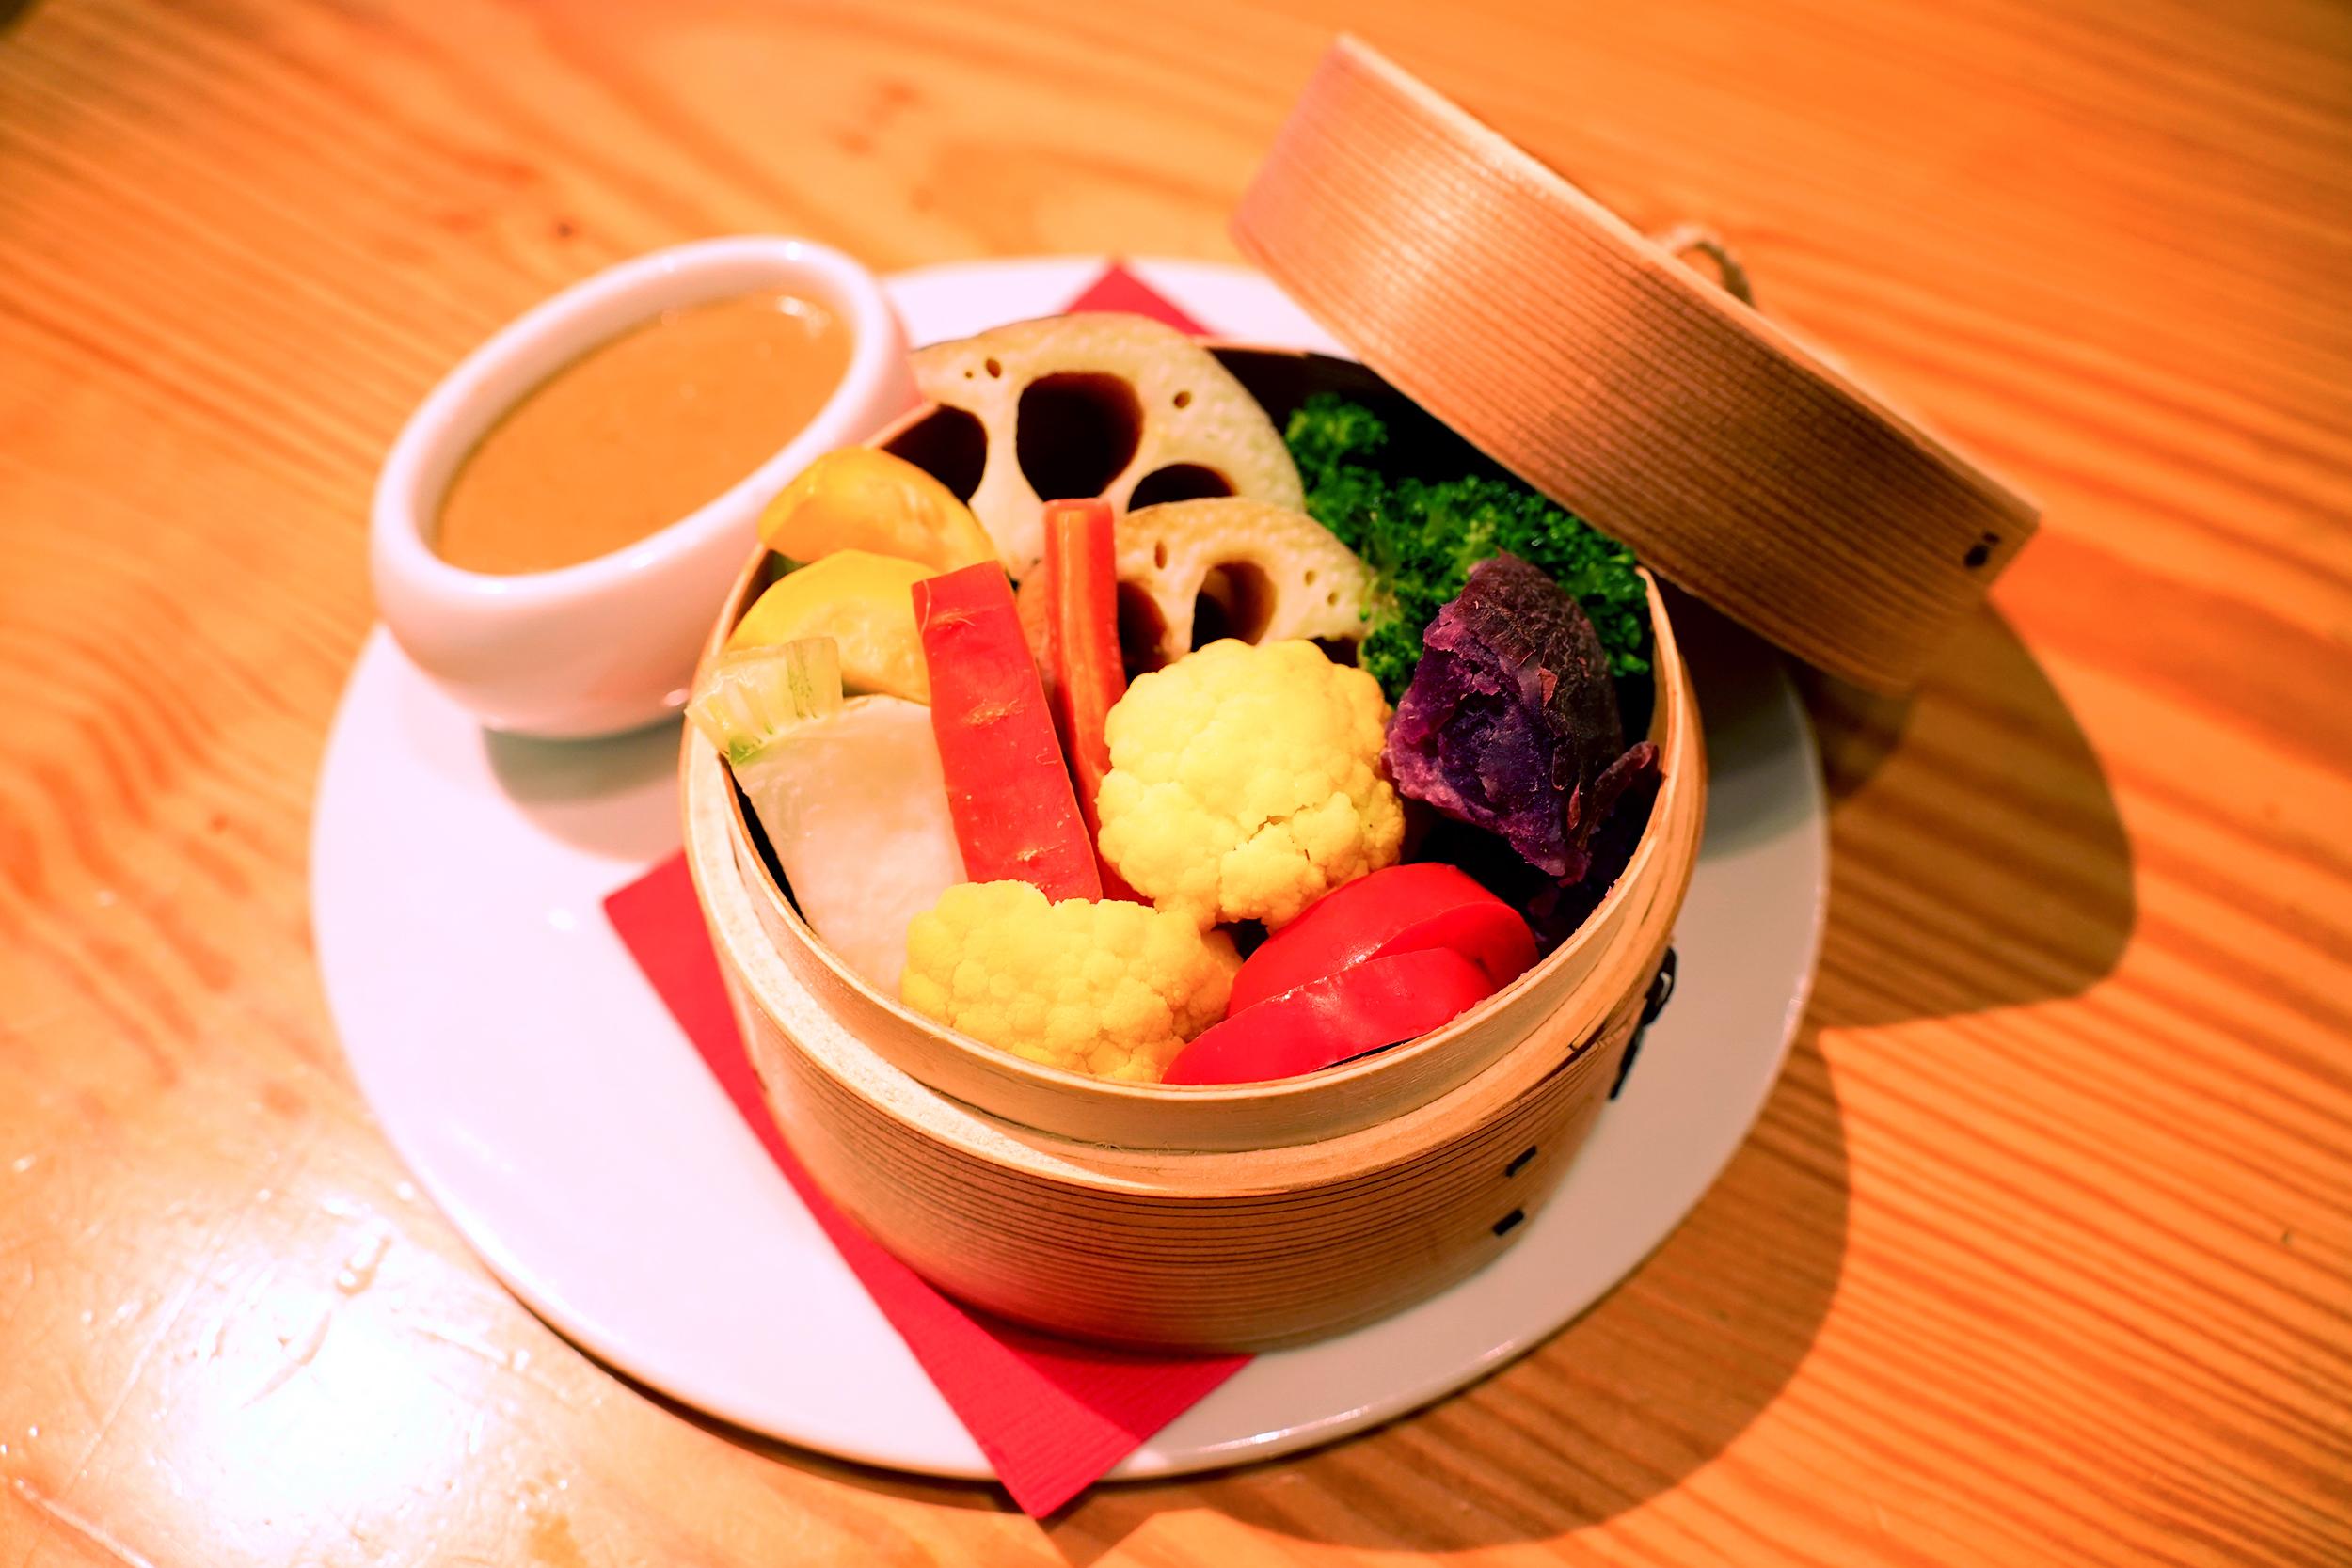 彩り野菜の蒸籠蒸し カニ味噌のバーニャカウダ<br />